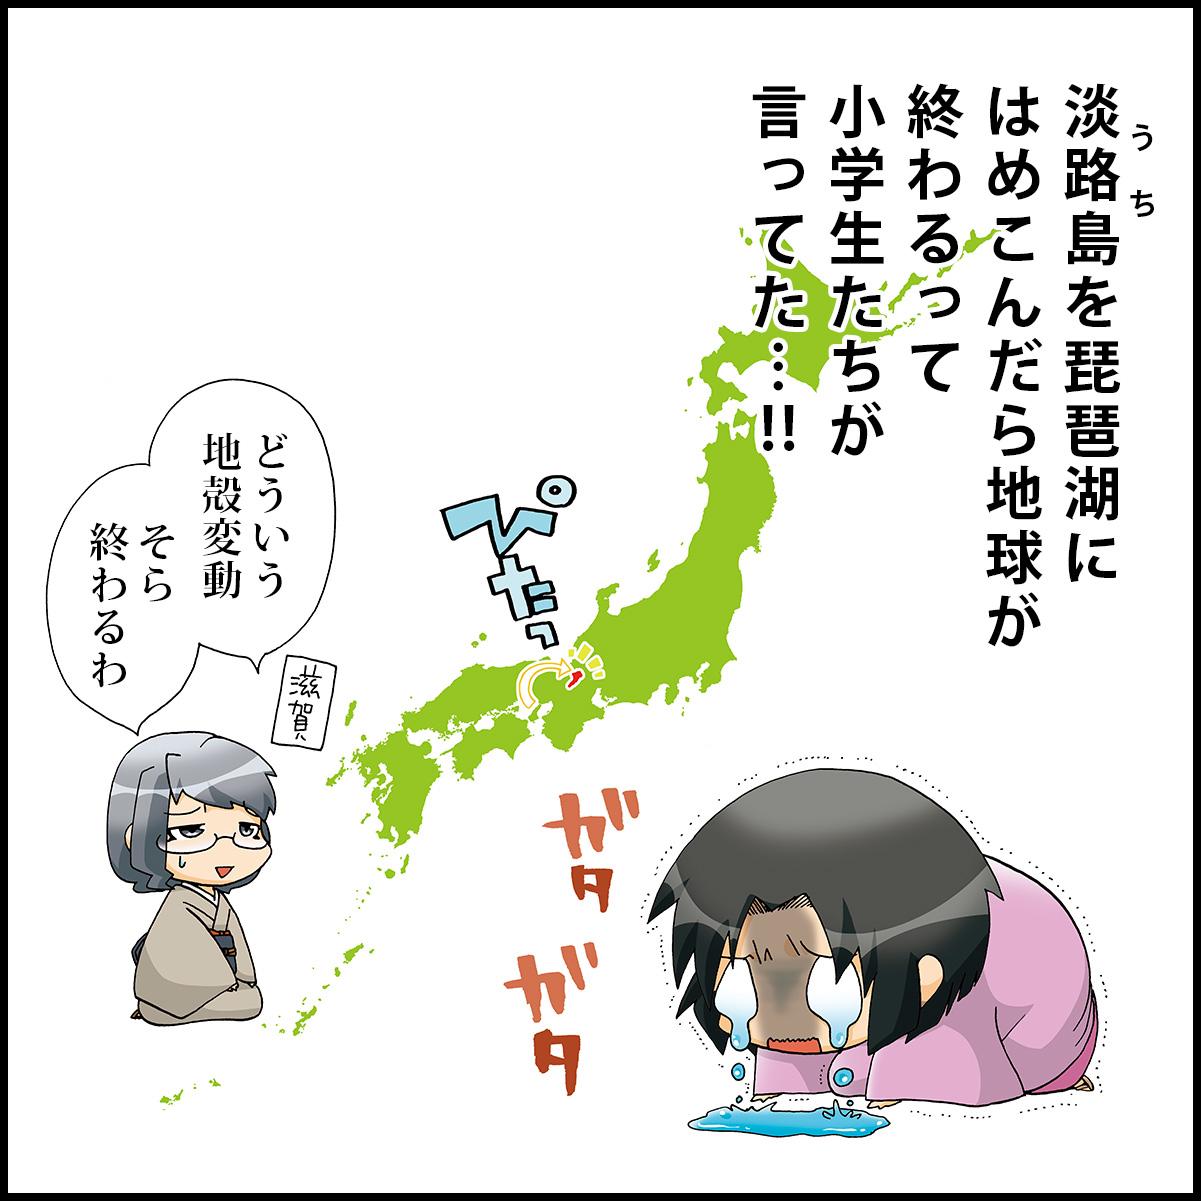 淡路島を琵琶湖にはめこんだら地球が終わる